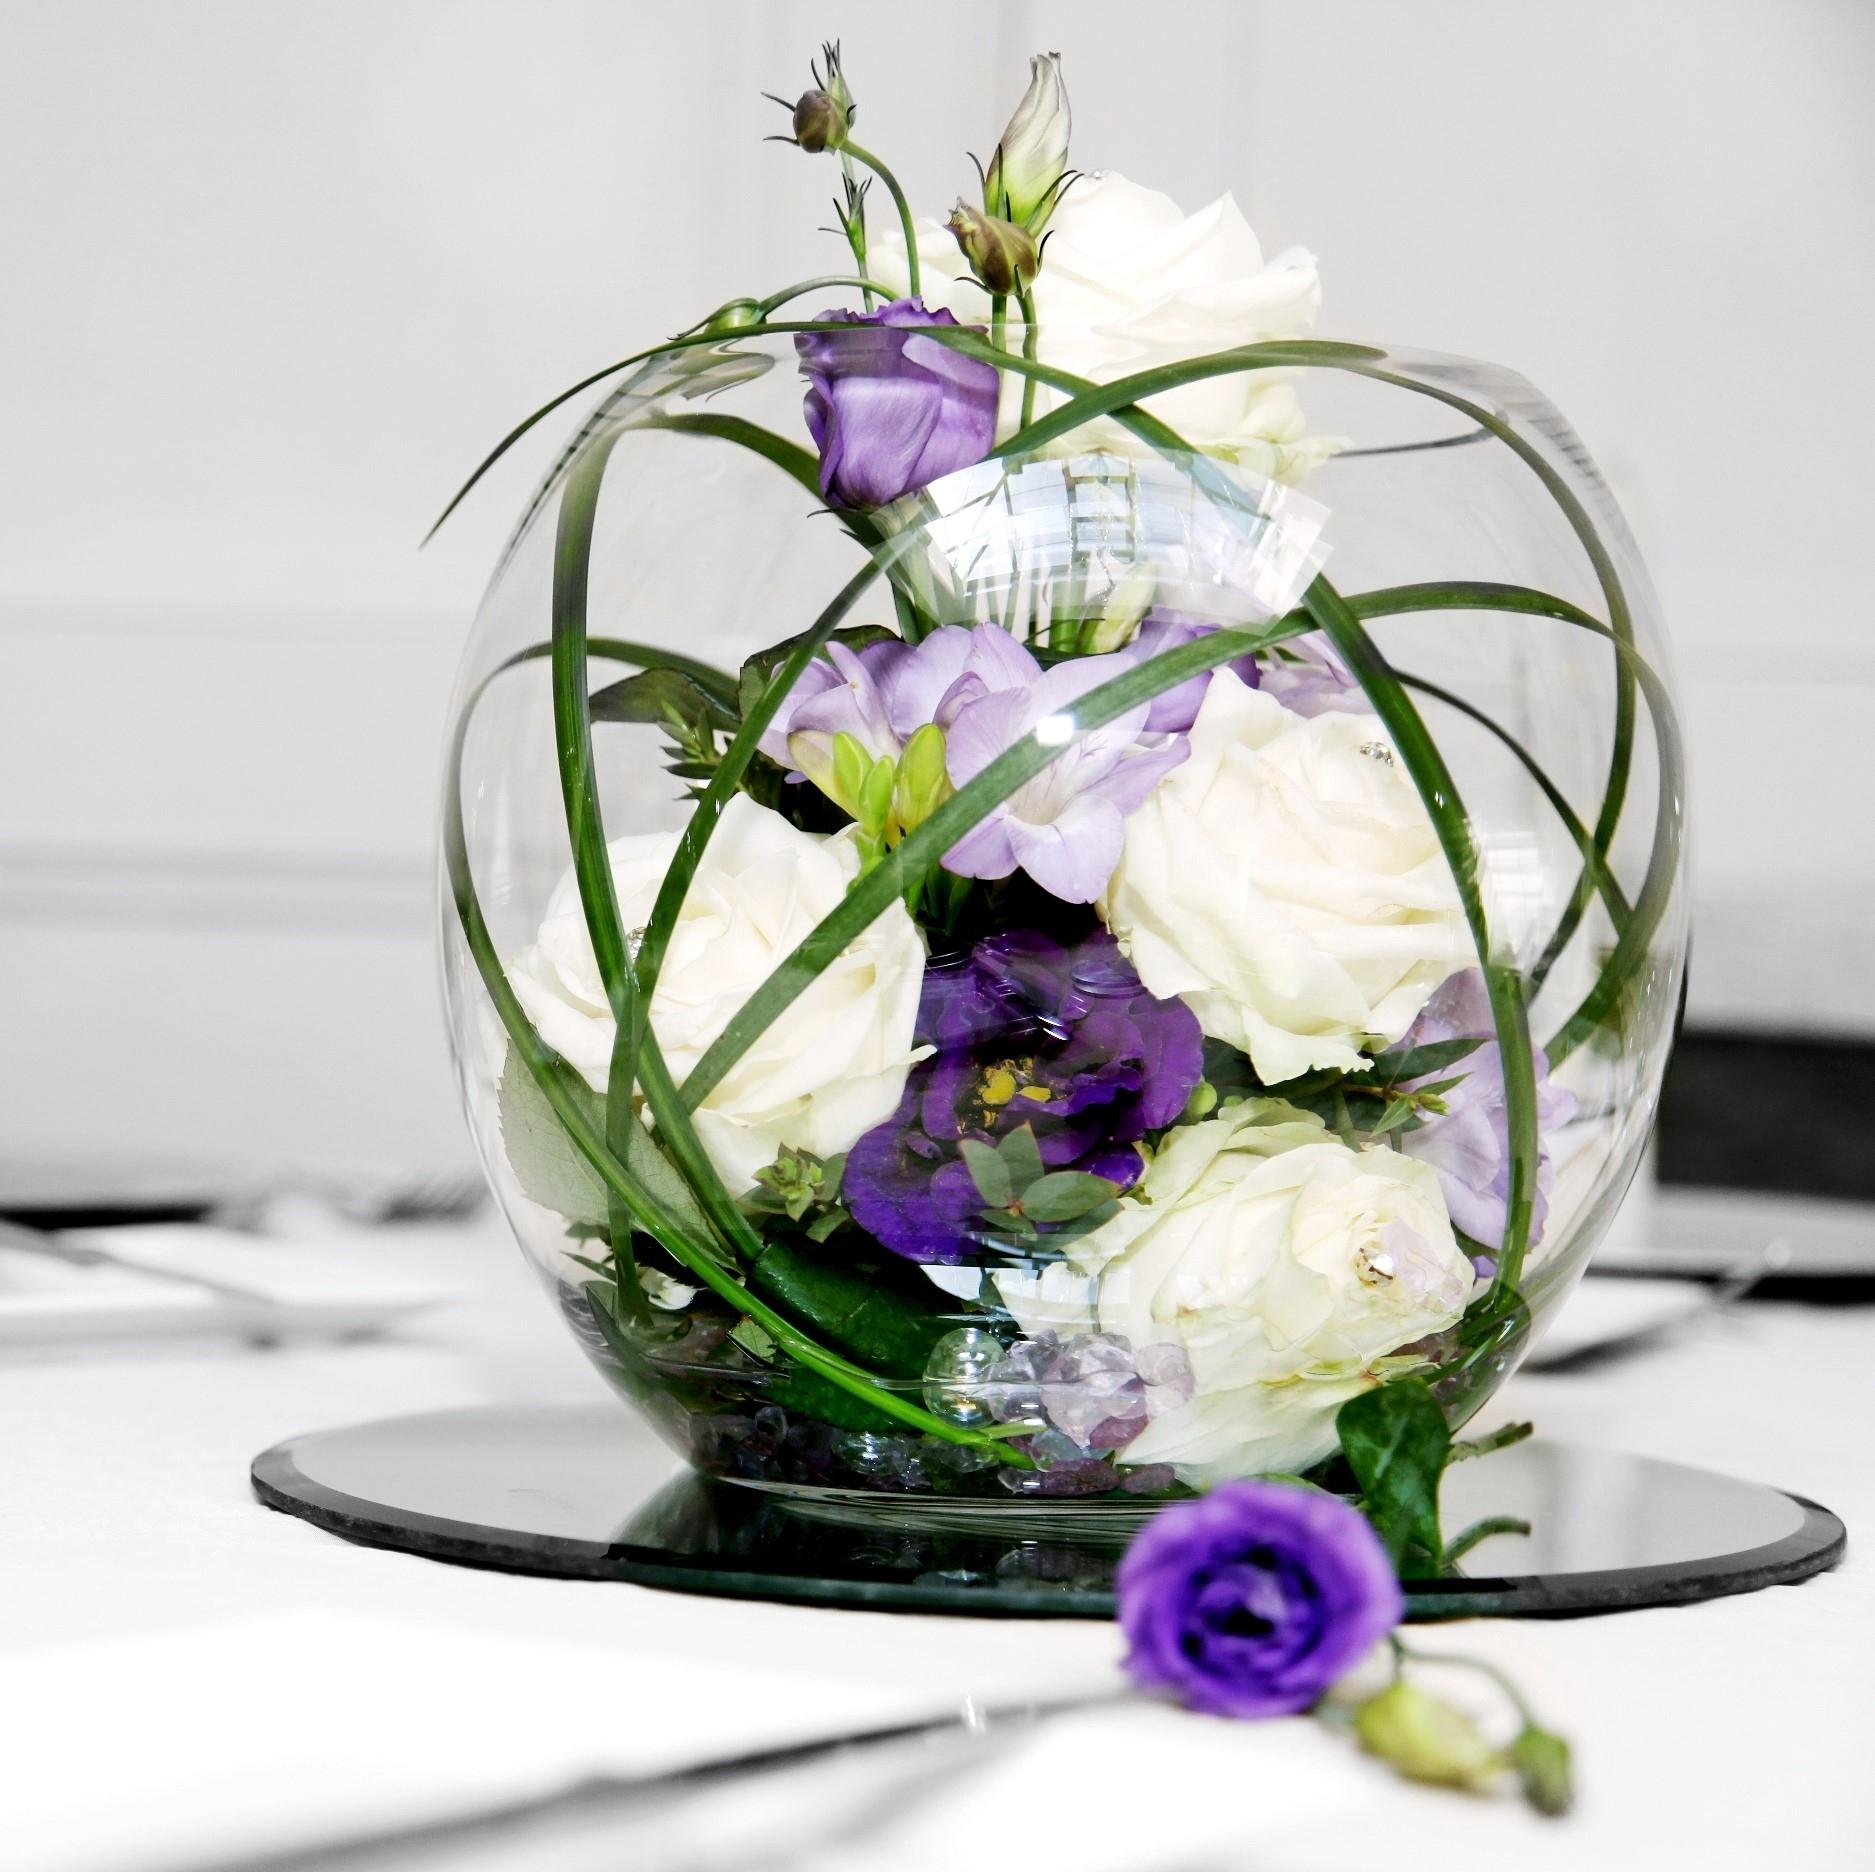 Table Centre Arrangements Belper Florist Derby Flowers Floraline